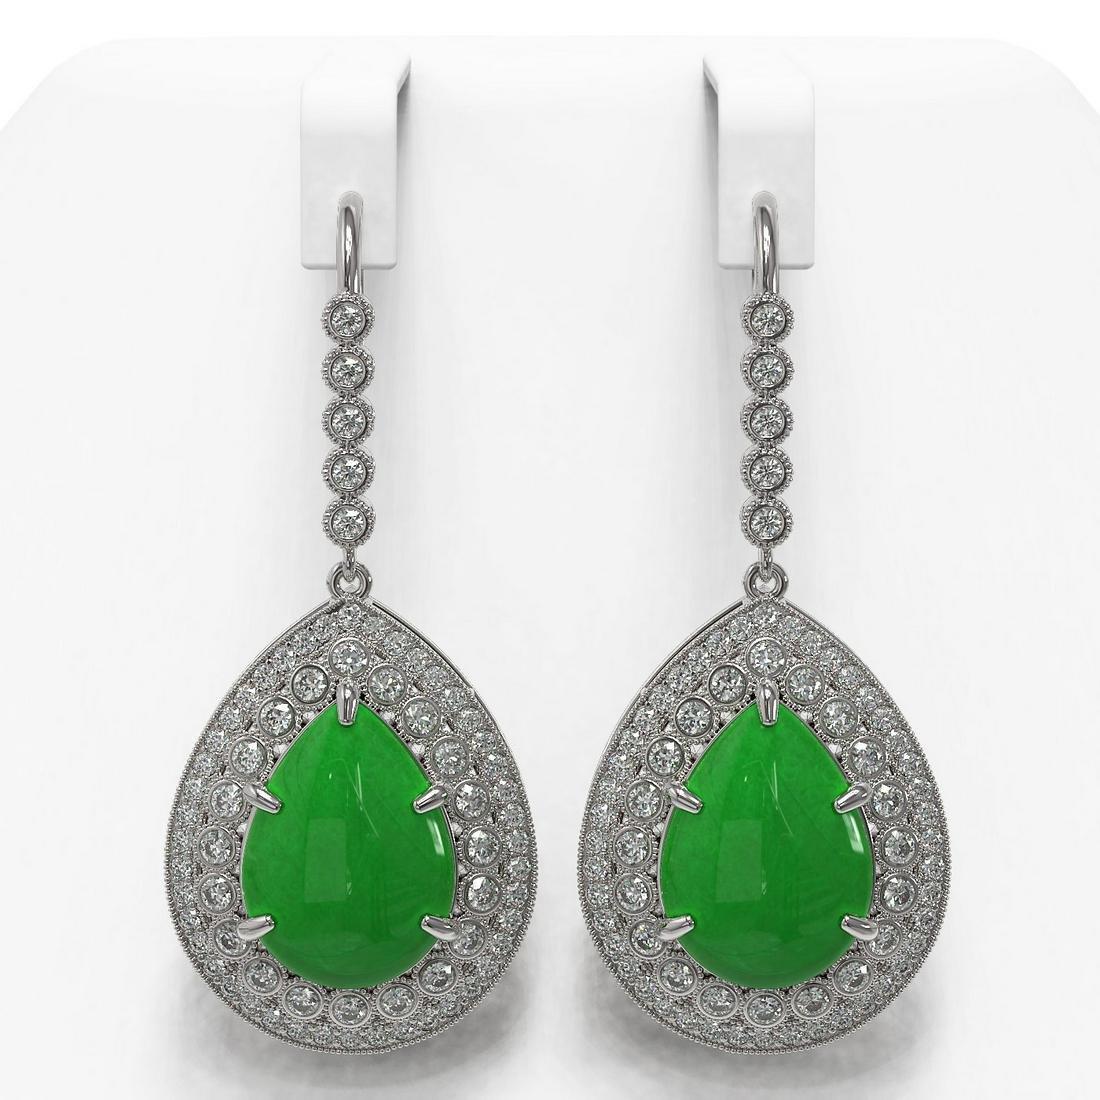 20.82 ctw Jade & Diamond Earrings 14K White Gold -